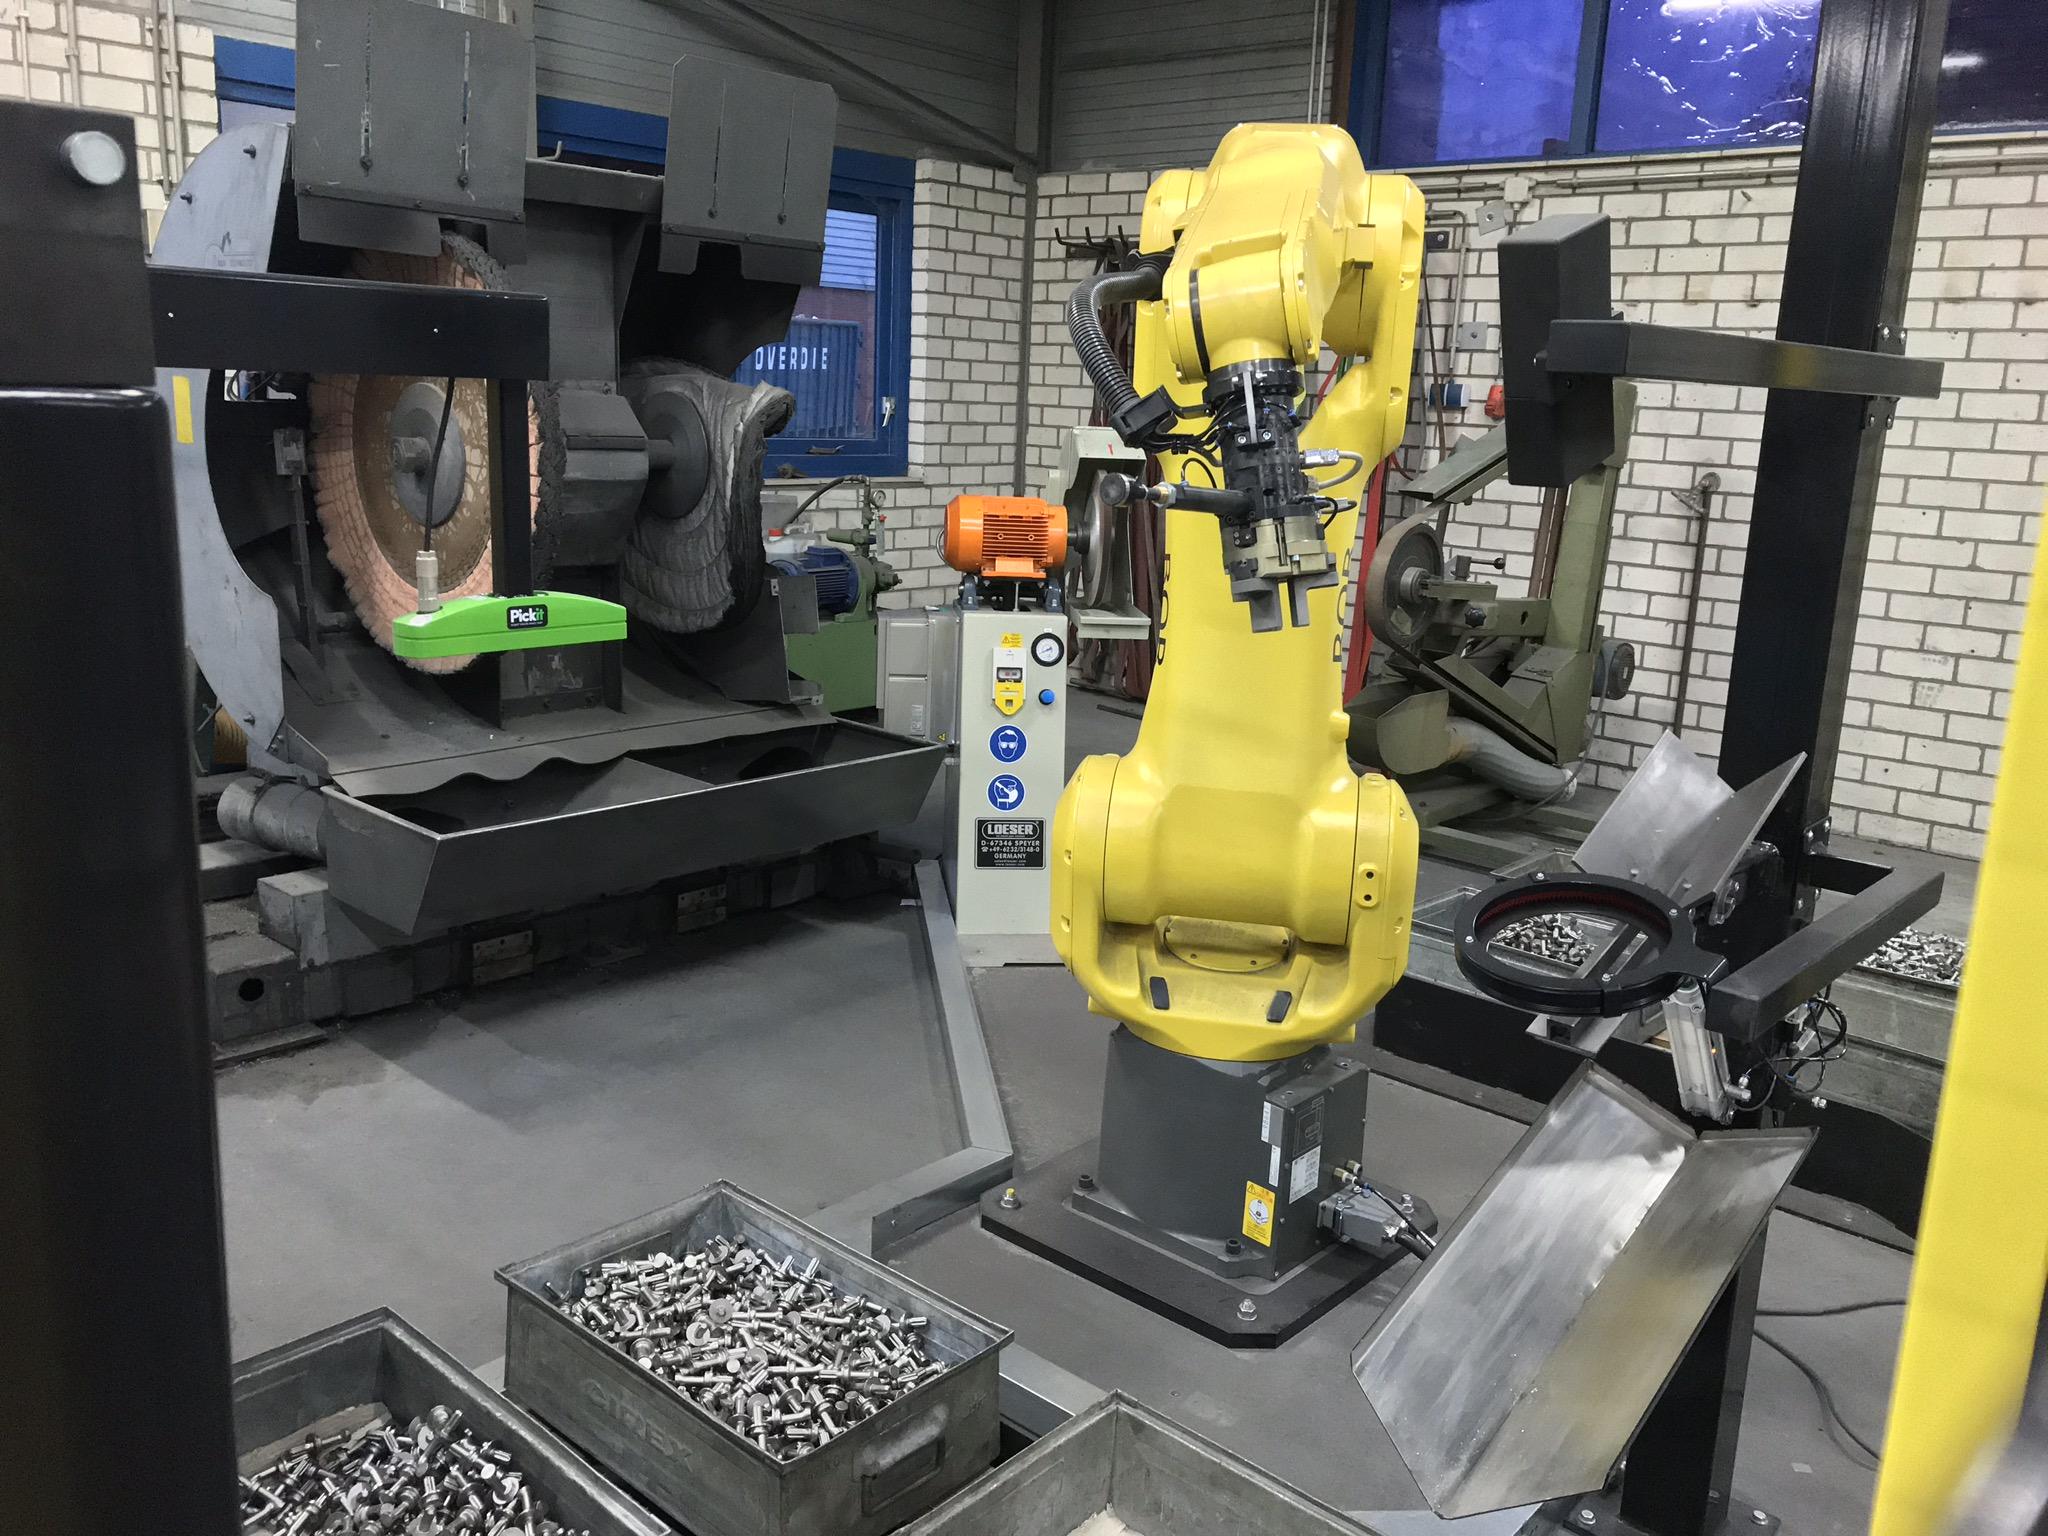 Automated Robot grinding and polishing